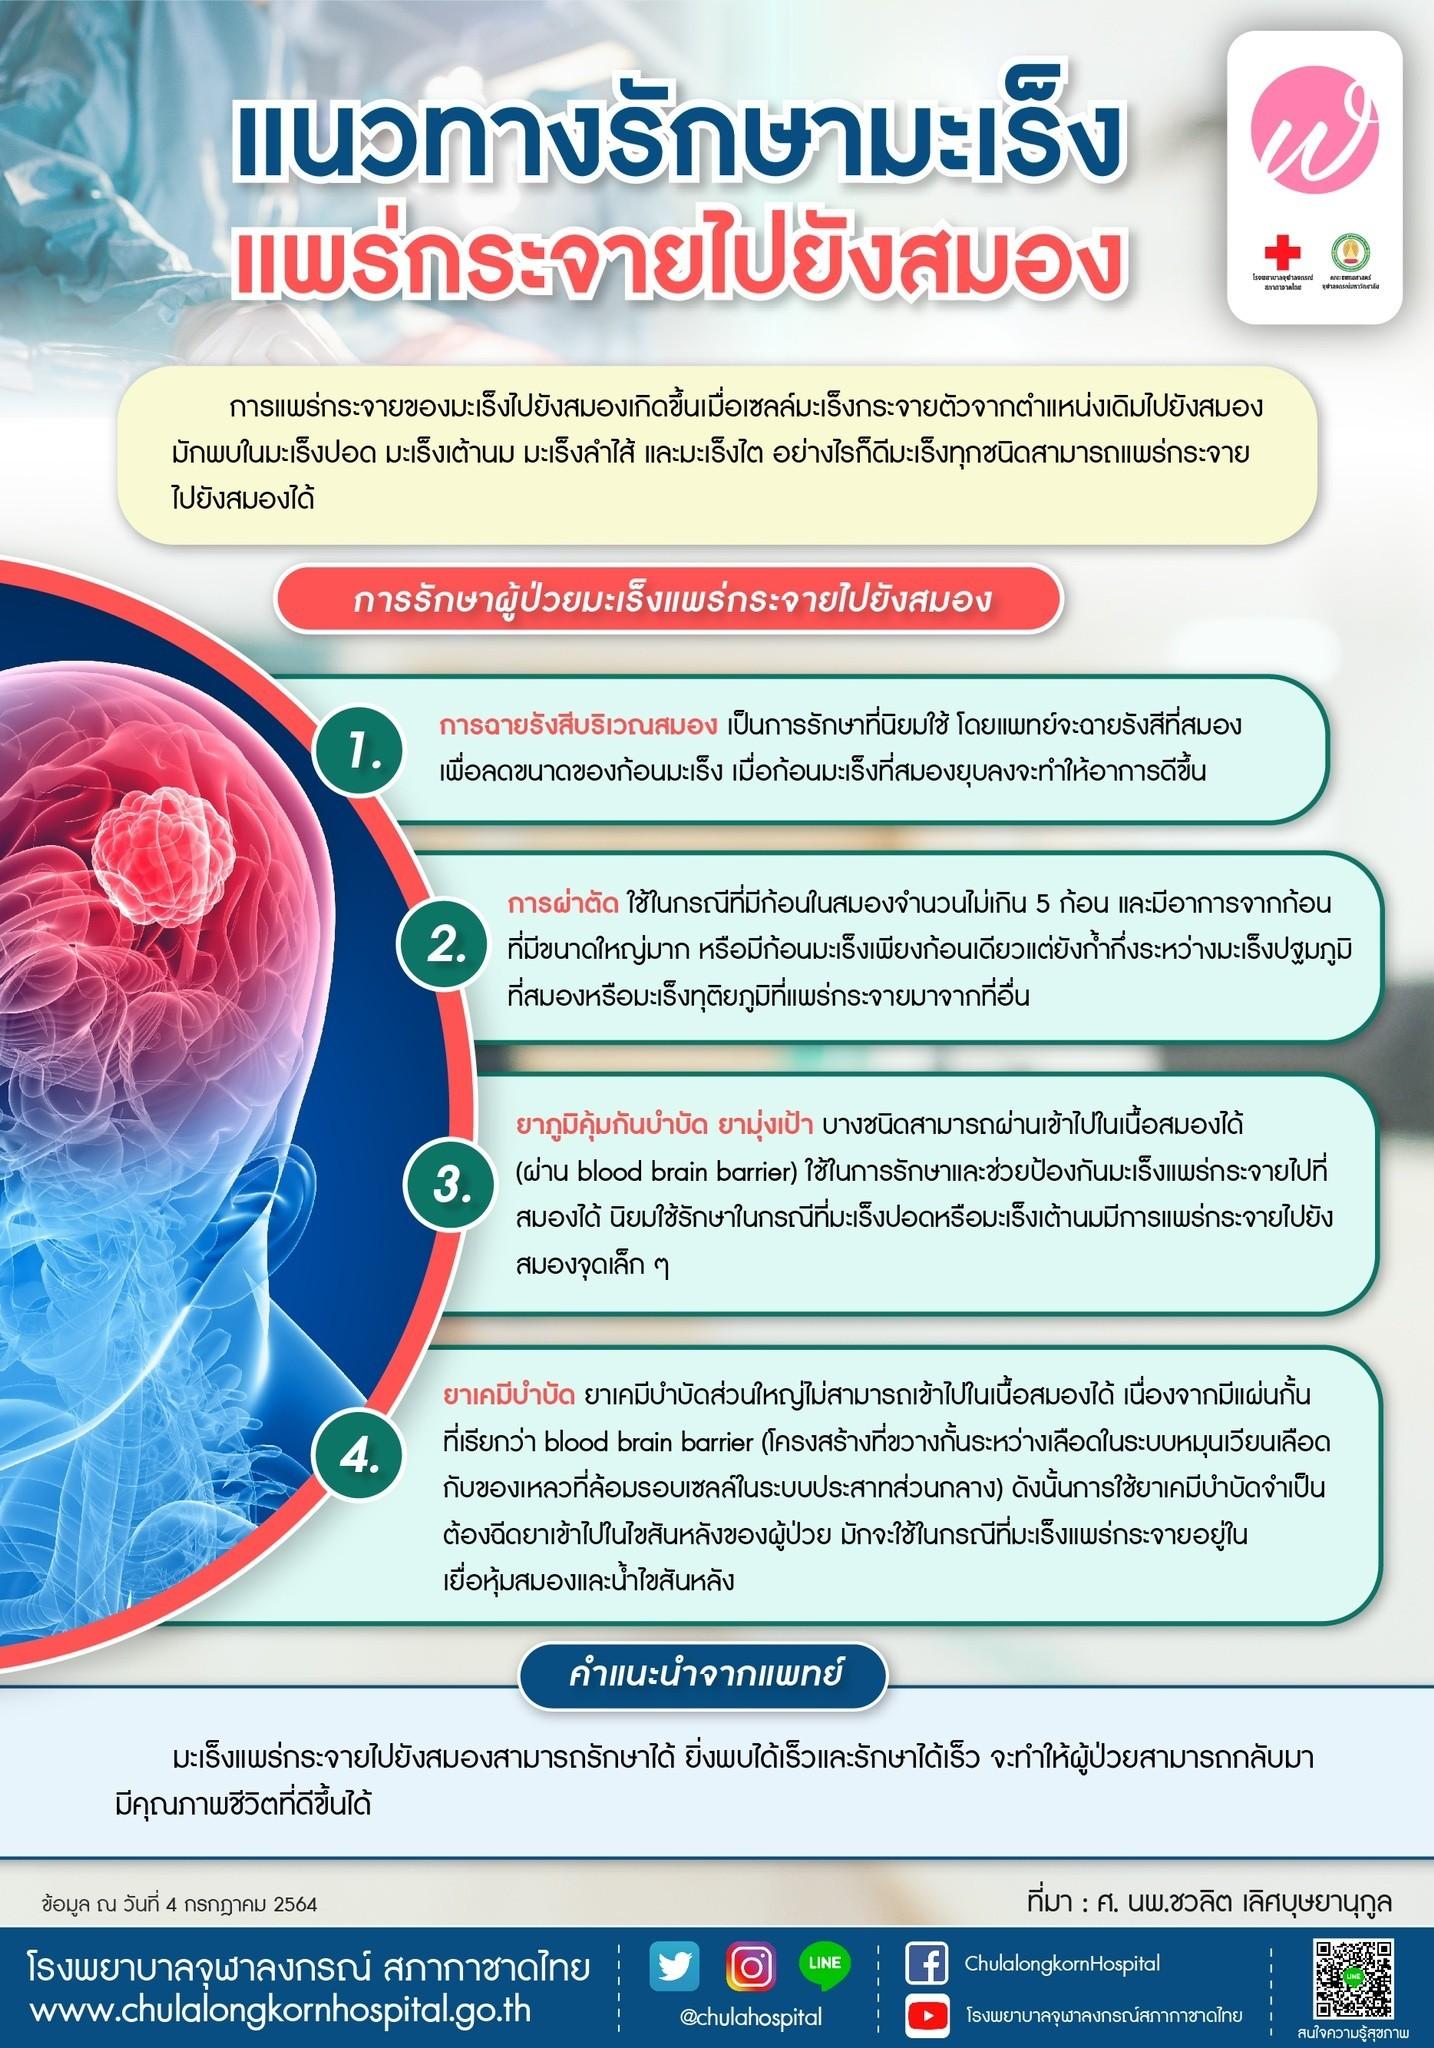 แนวทางรักษามะเร็งแพร่กระจายไปยังสมอง